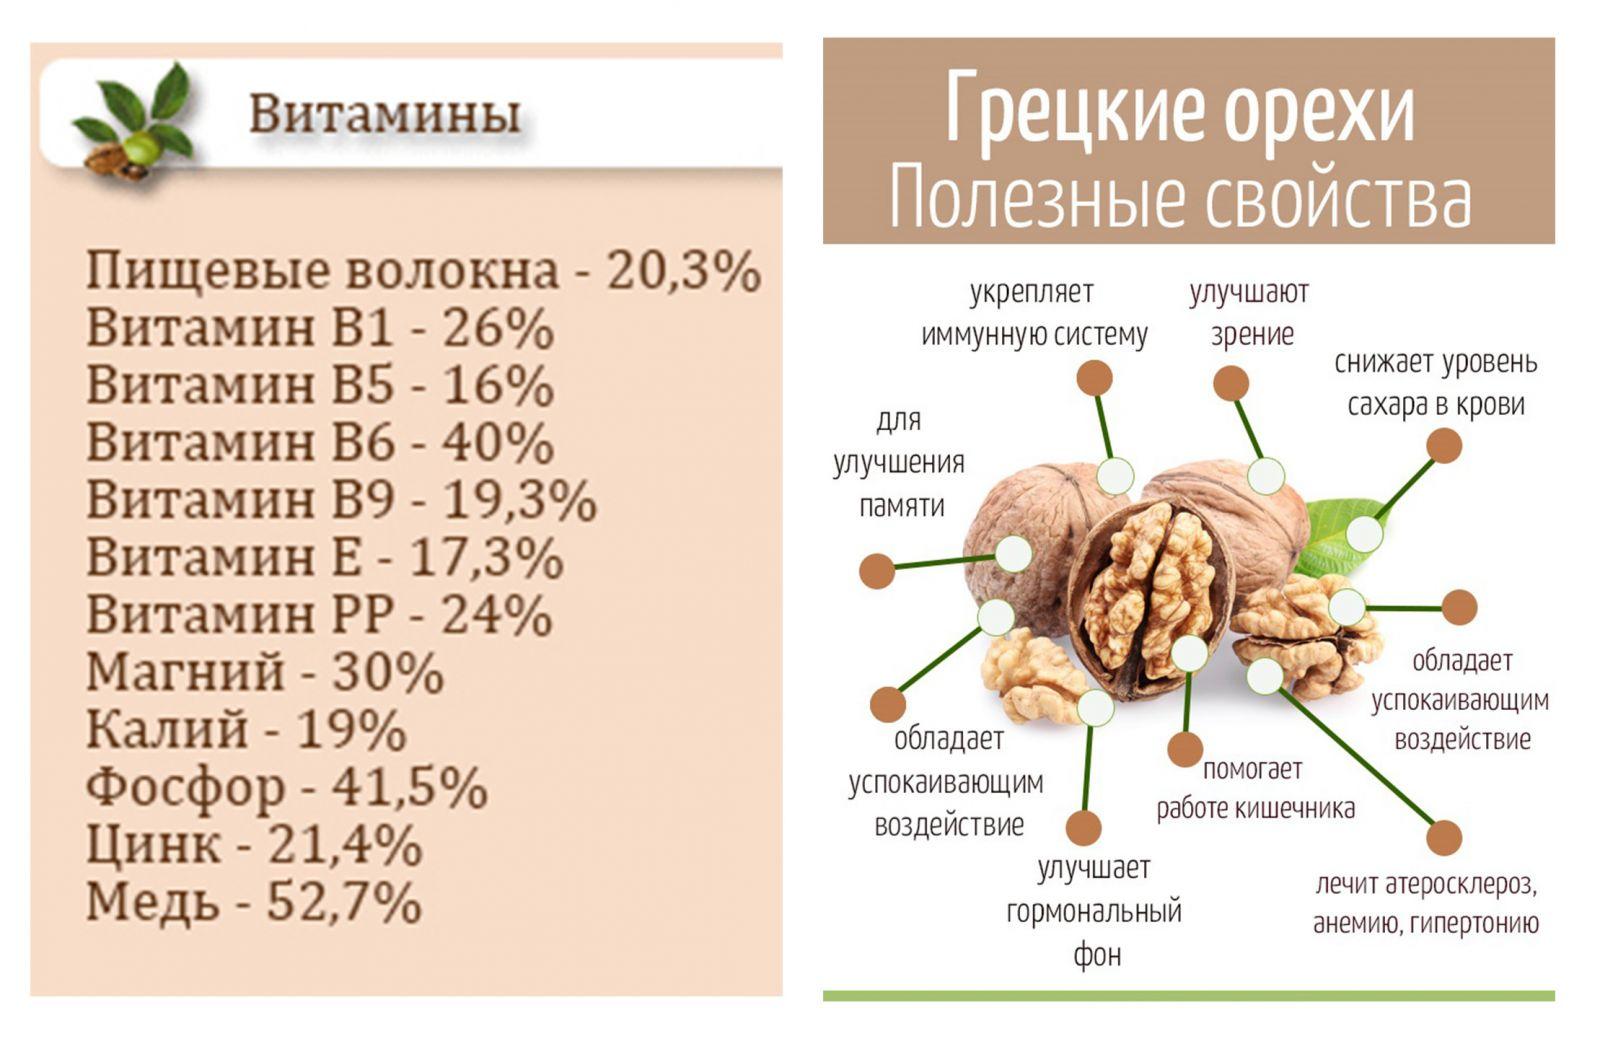 Древесная зола как удобрение: химический состав, свойства, применение